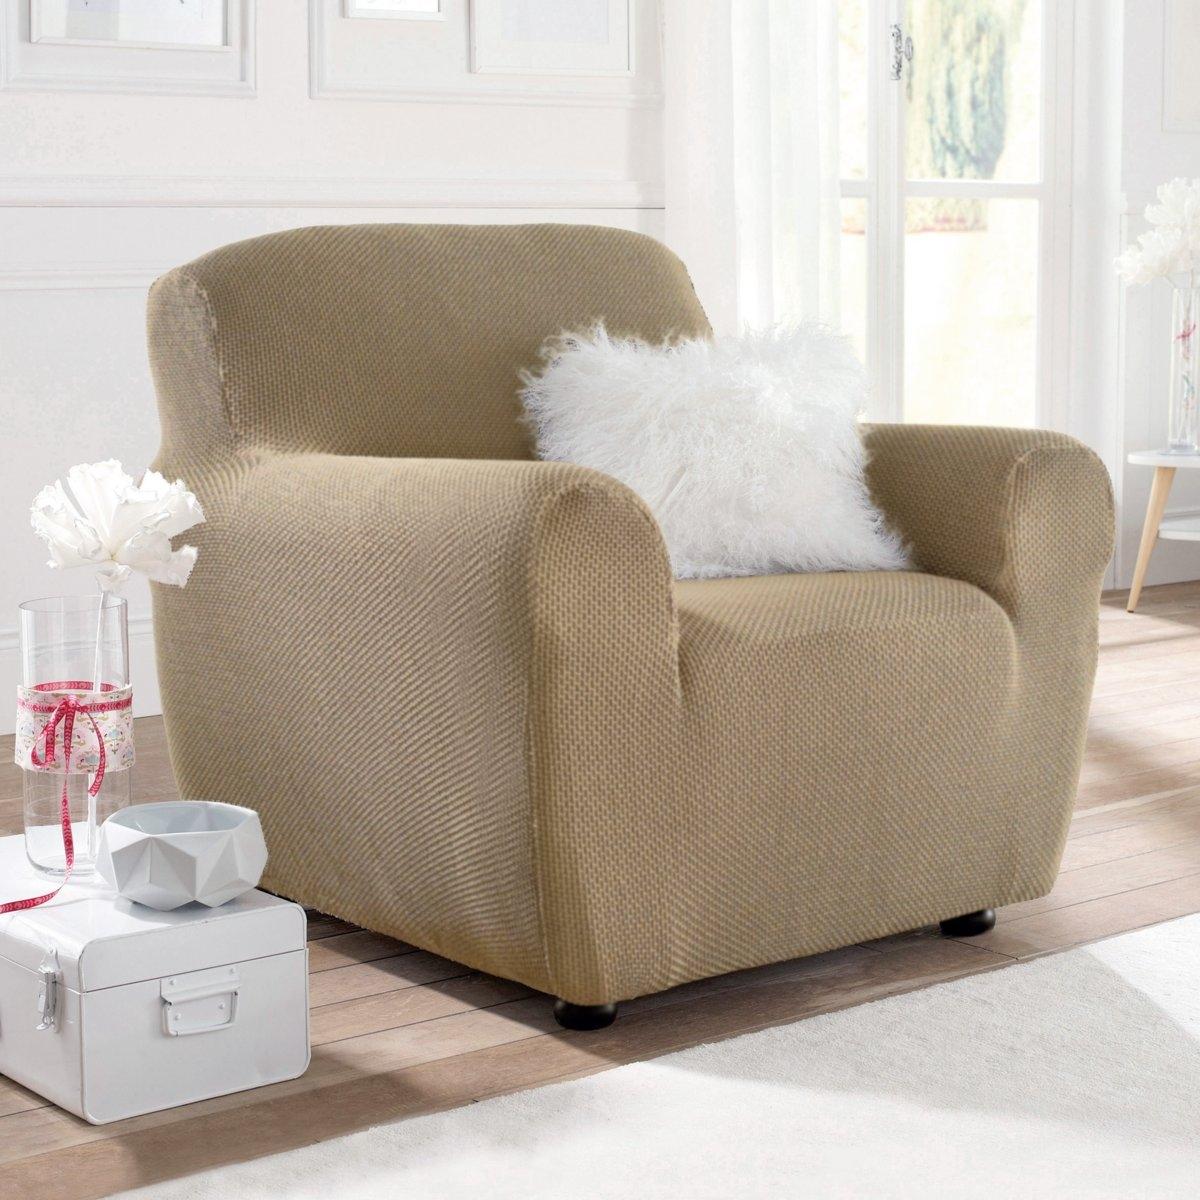 Чехлы для кресла и диванаИз эластичной гофрированной ткани, 55% хлопка, 40% полиэстера, 5% эластана. Стирка при 30°. Эластичный низ прекрасно закрывает кресла, диваны и стулья любых типов.<br><br>Цвет: серо-бежевый<br>Размер: 2 места